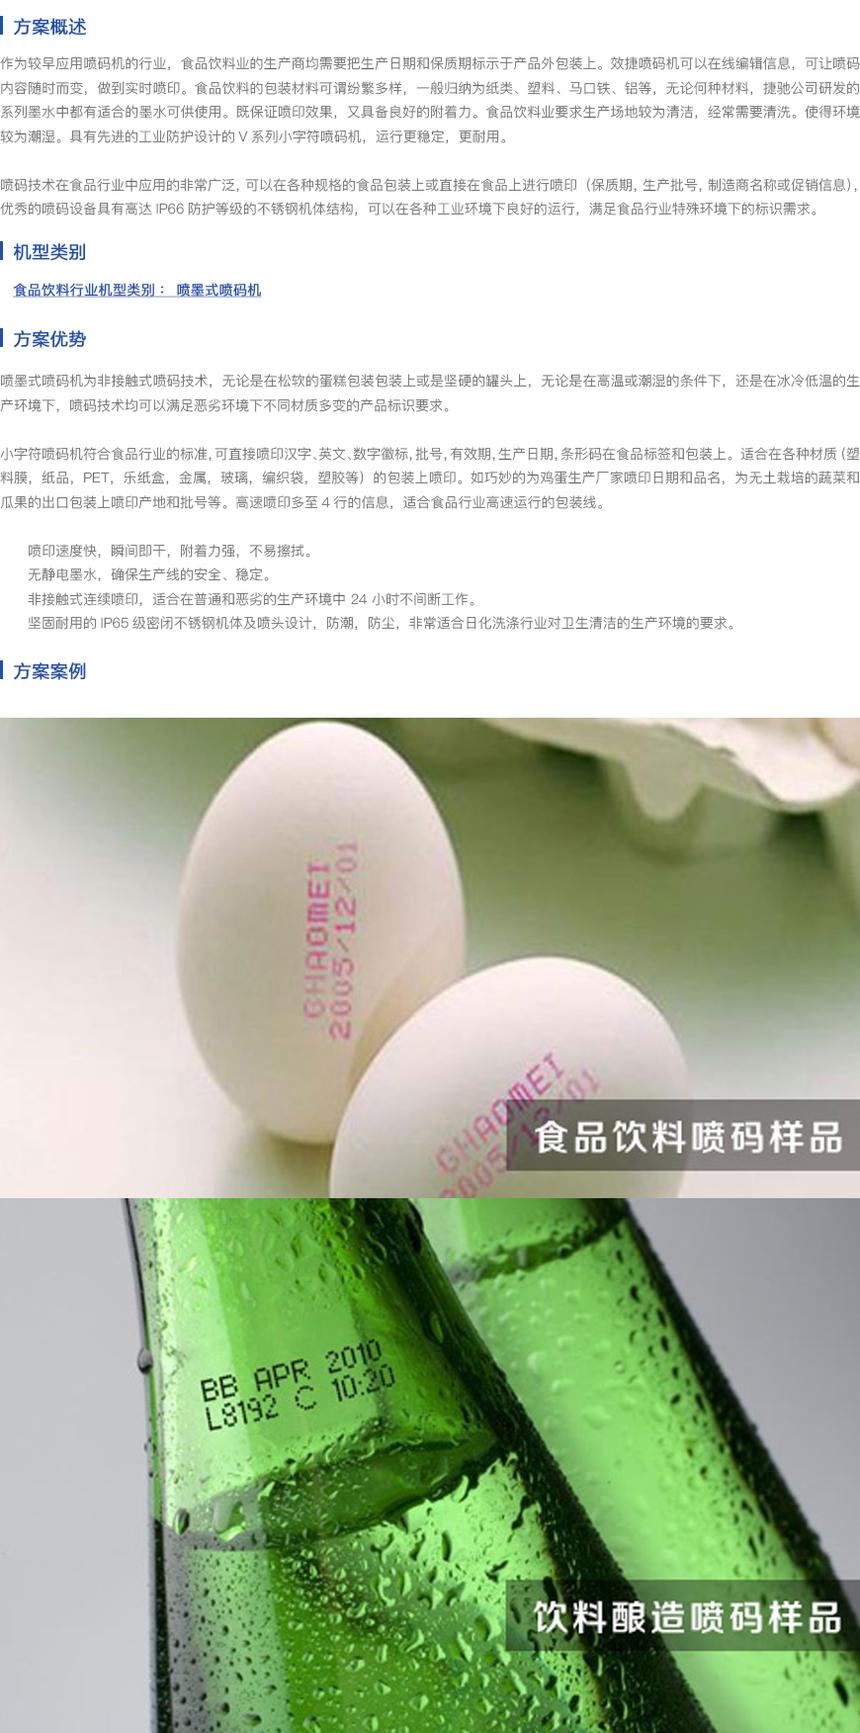 食品饮料行业应用详情.png